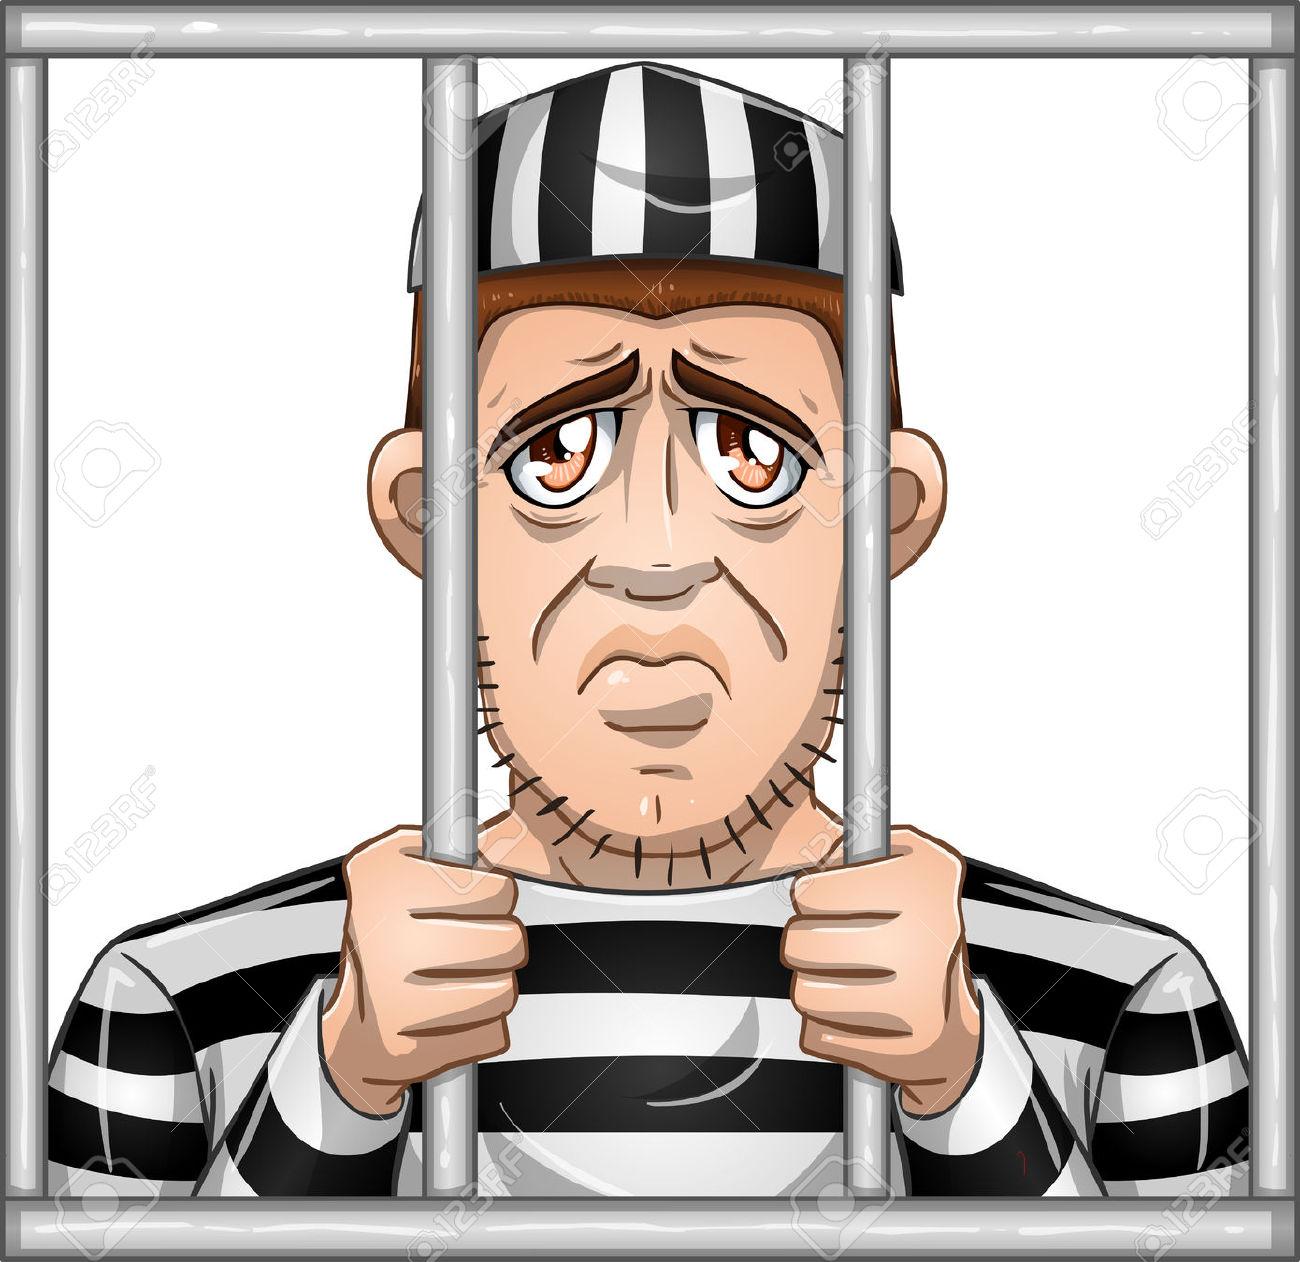 Clipart prisoner behind bars.